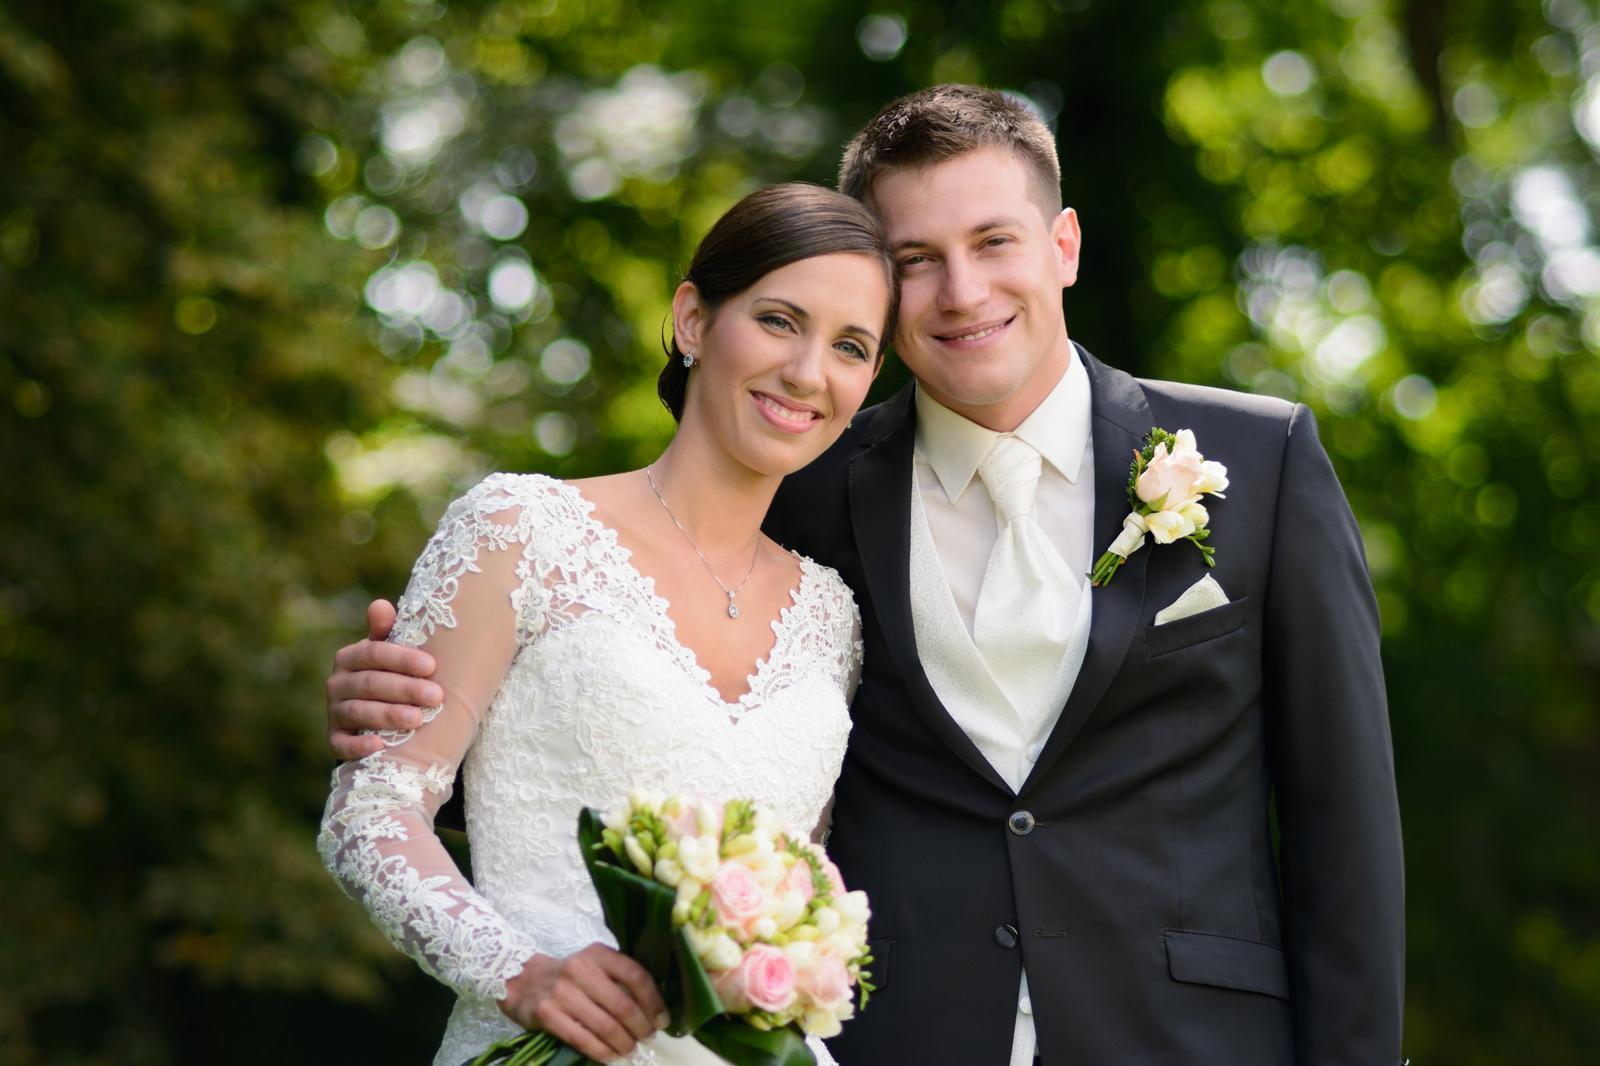 Svatební fotograf Karel Královec - kralovecphoto - Obrázek č. 23